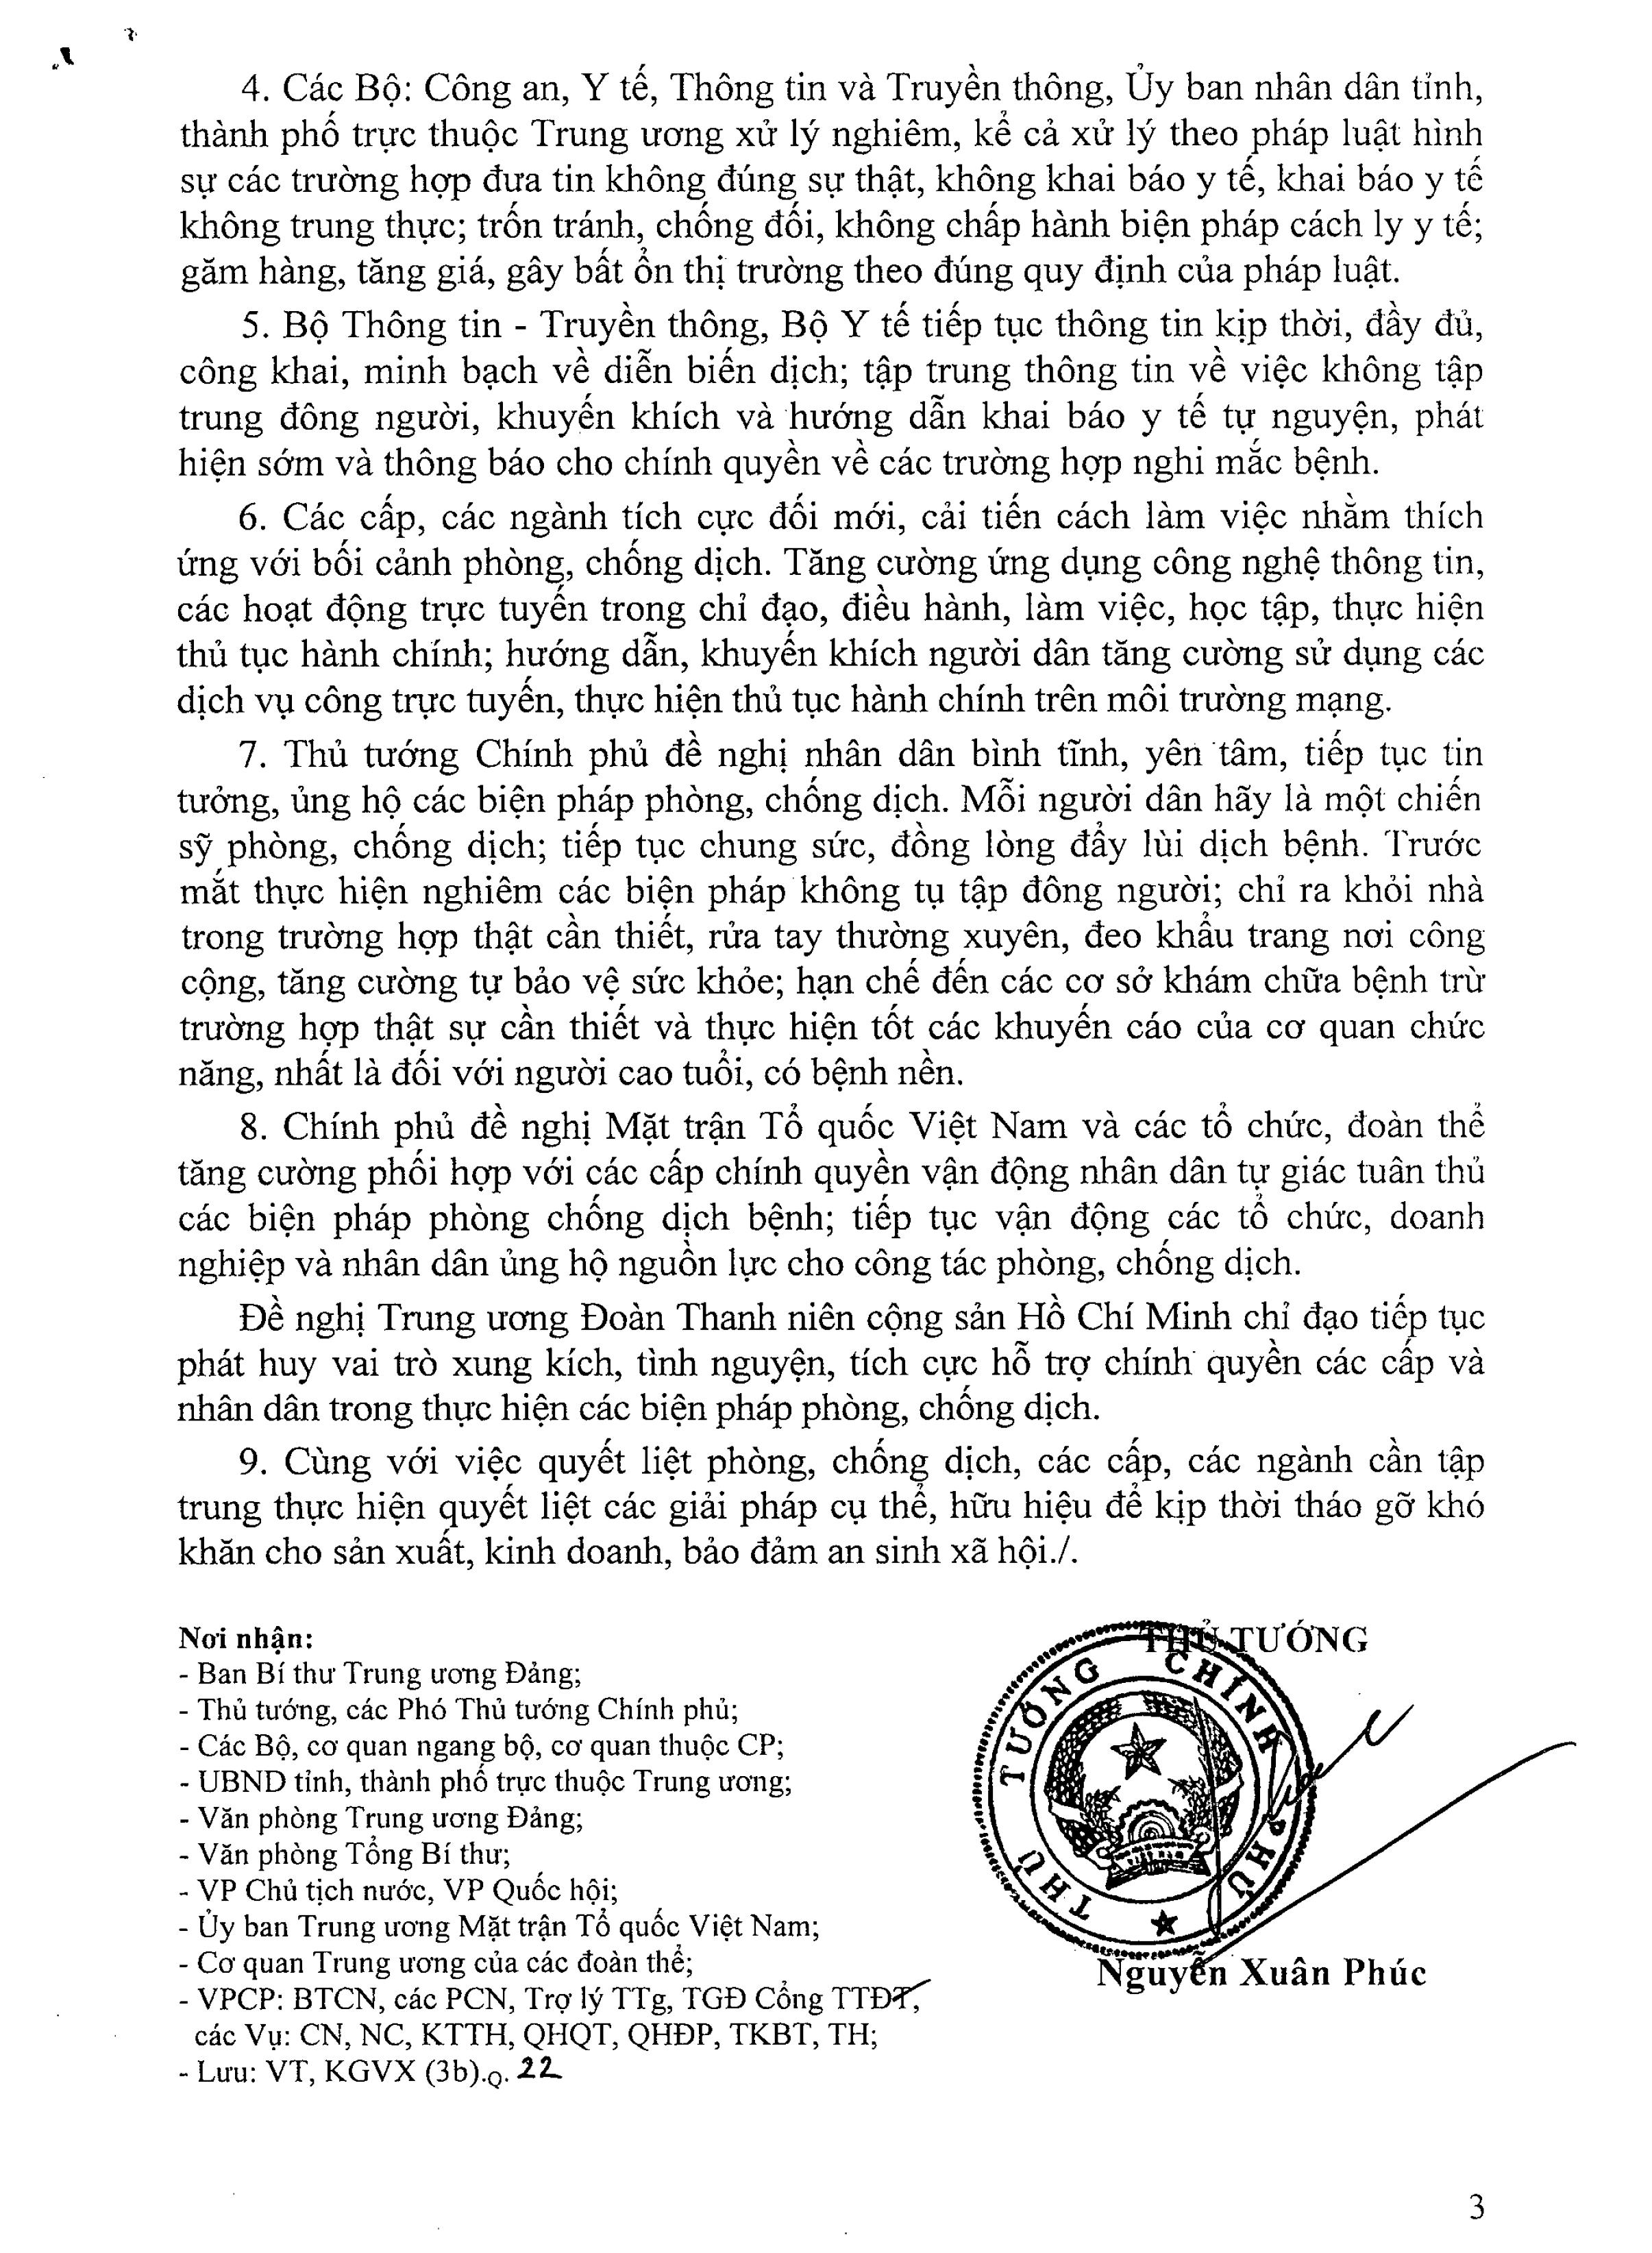 200327 Chi thi 15 cua Thu tuong_03